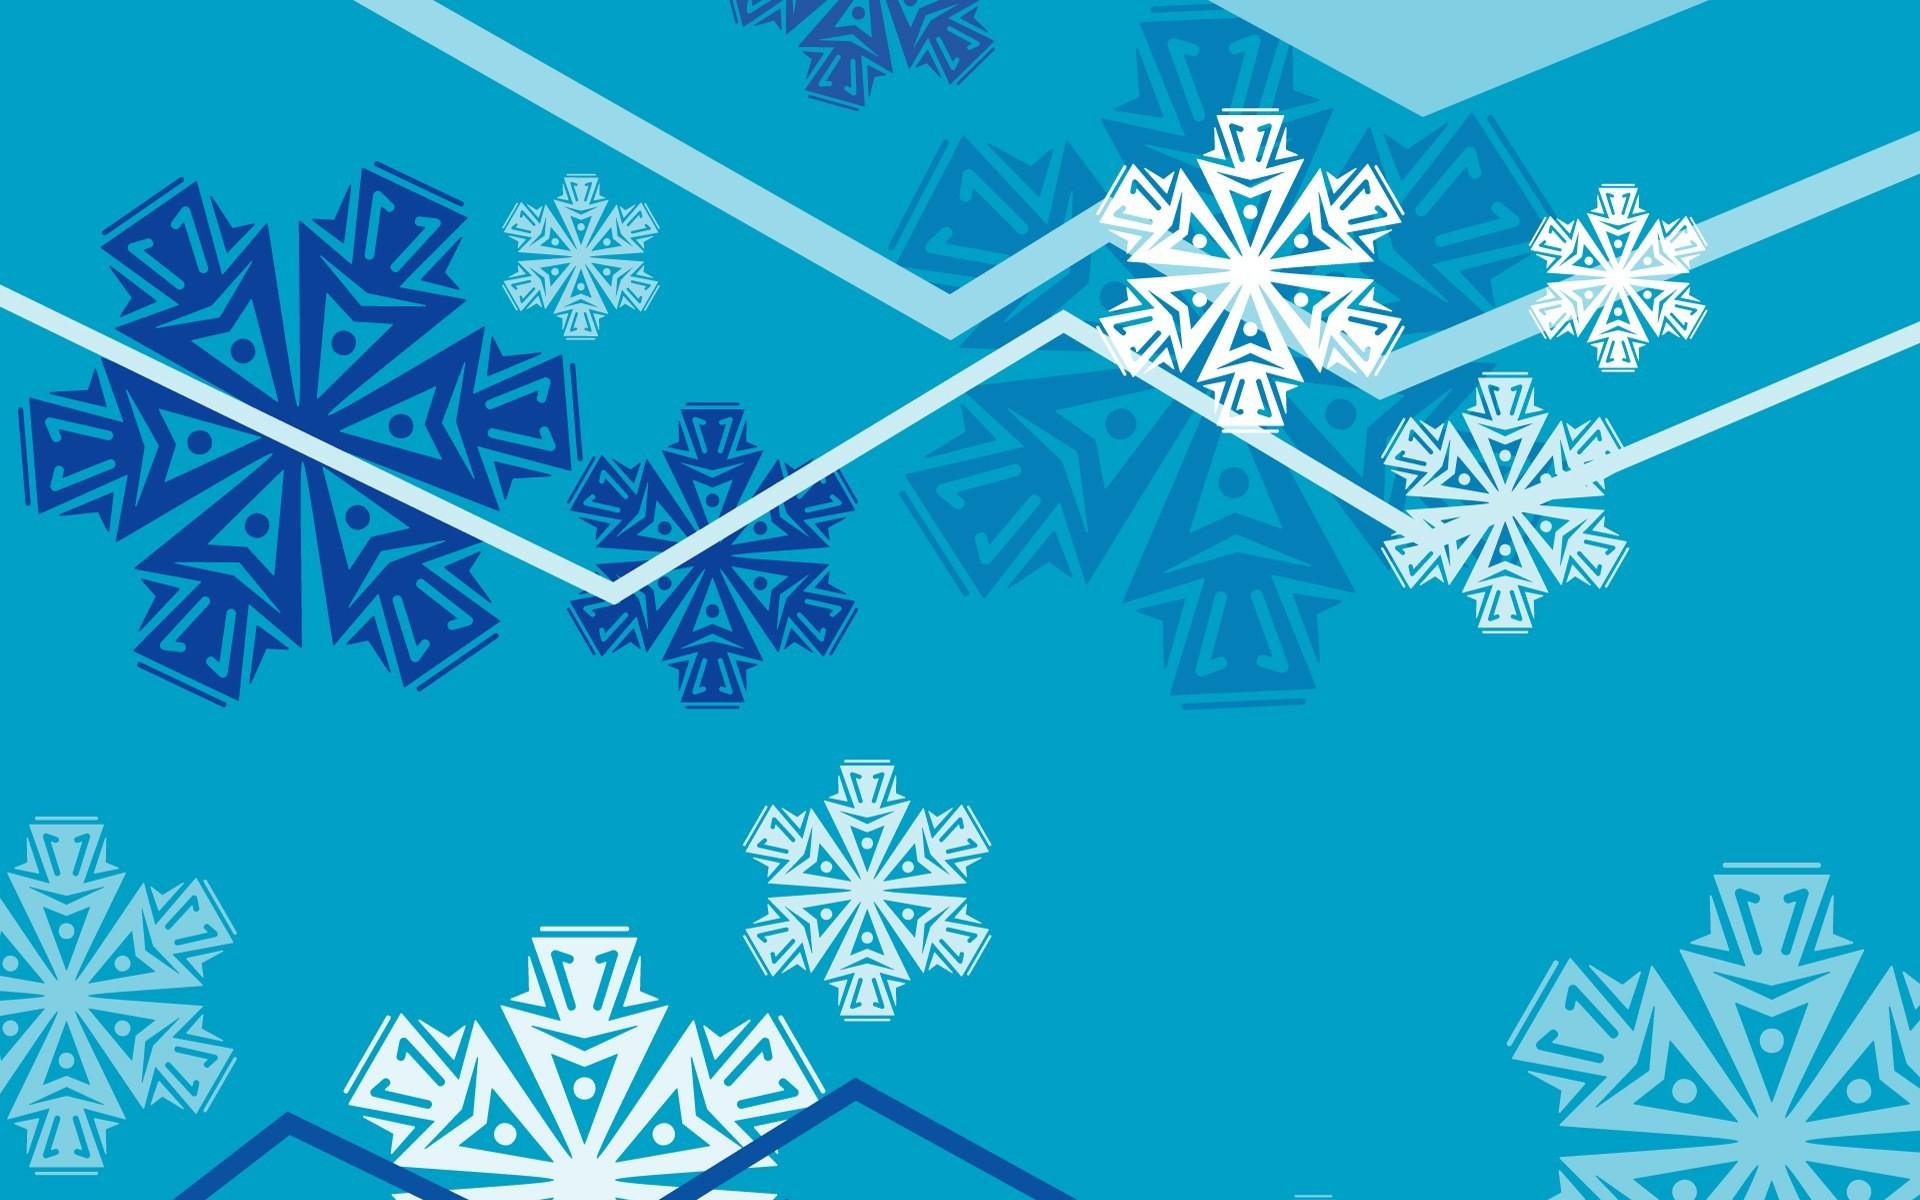 Best 10+ Free winter wallpaper ideas on Pinterest | Snowman wallpaper,  Christmas wallpaper free and Winter wallpapers